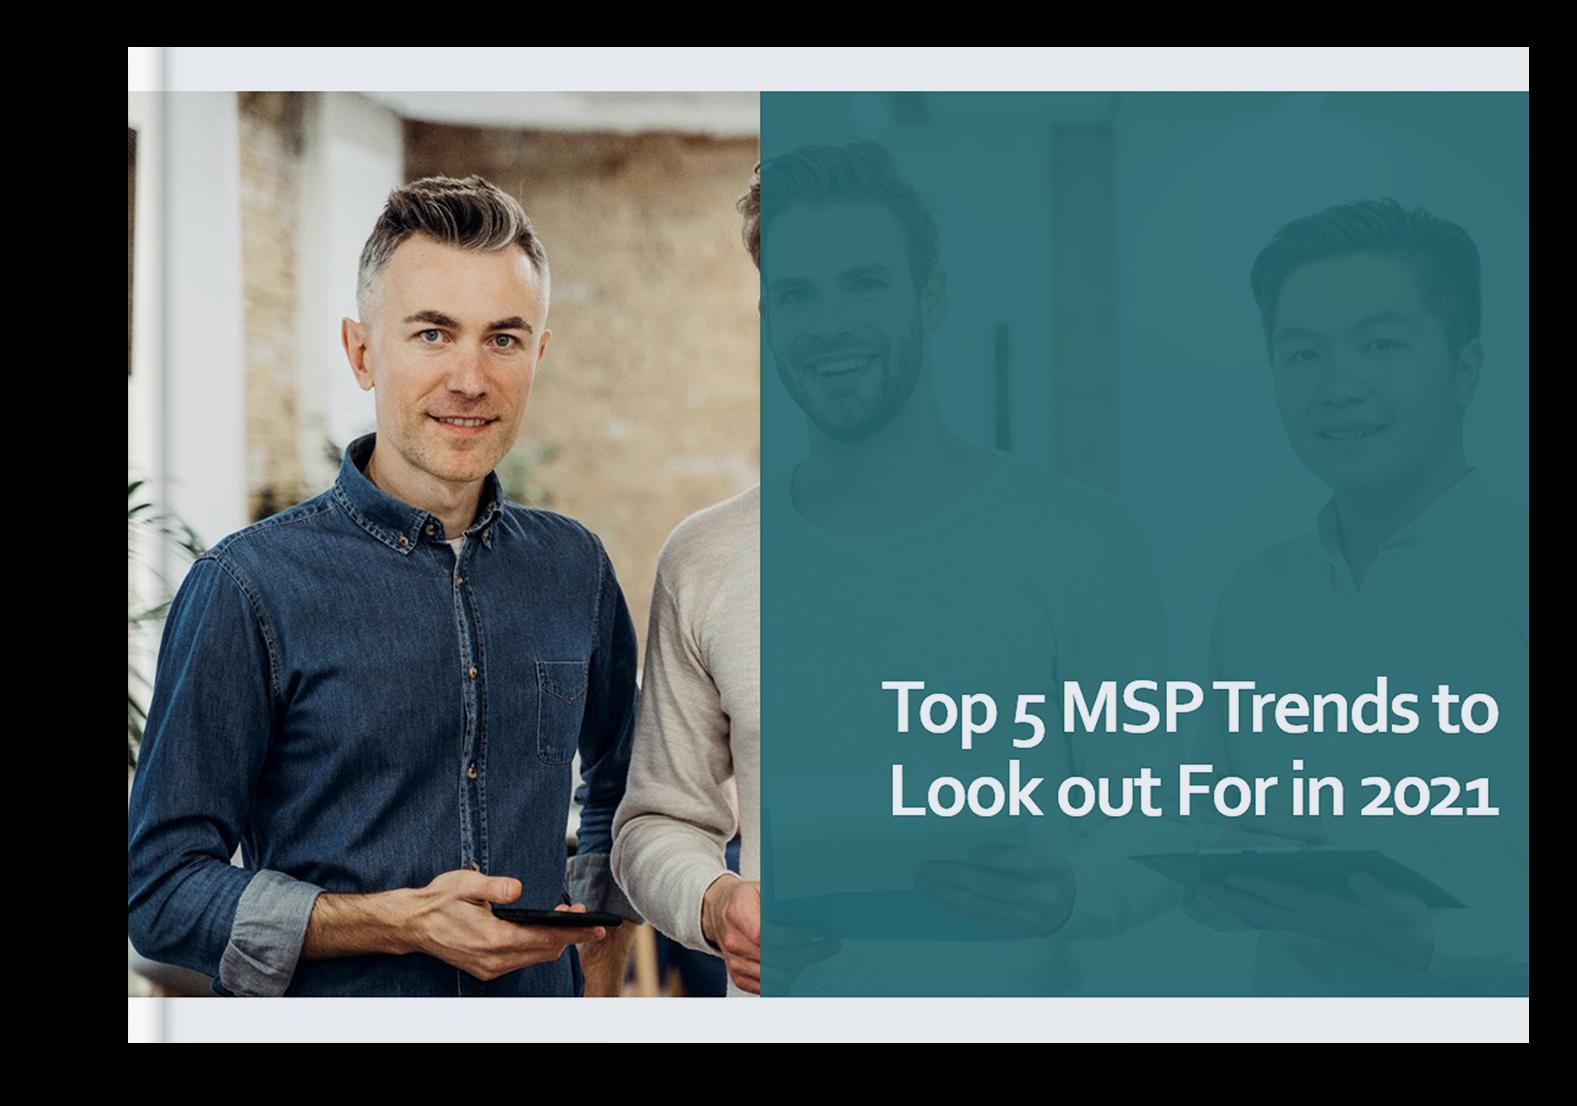 top 5 msp trends in 2021